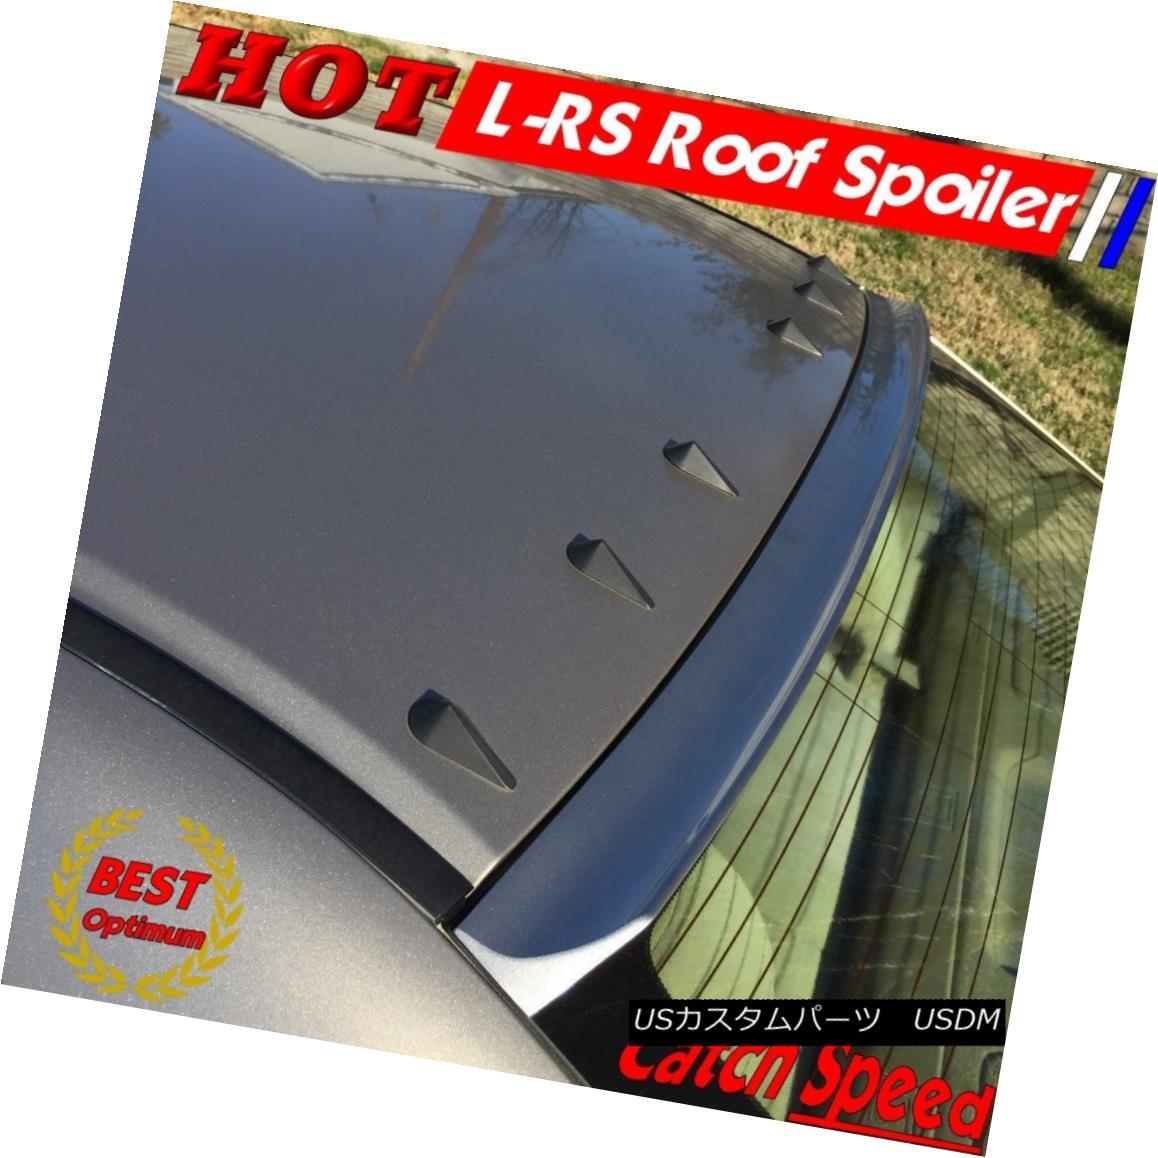 エアロパーツ Painted LRS Type Rear Roof Spoiler For Hyundai Elantra/Avante 2007-10 Sedan ? 現代のエラントラ/アバンテ2007-10セダンのための塗装LRSタイプのリアルーフスポイラー?